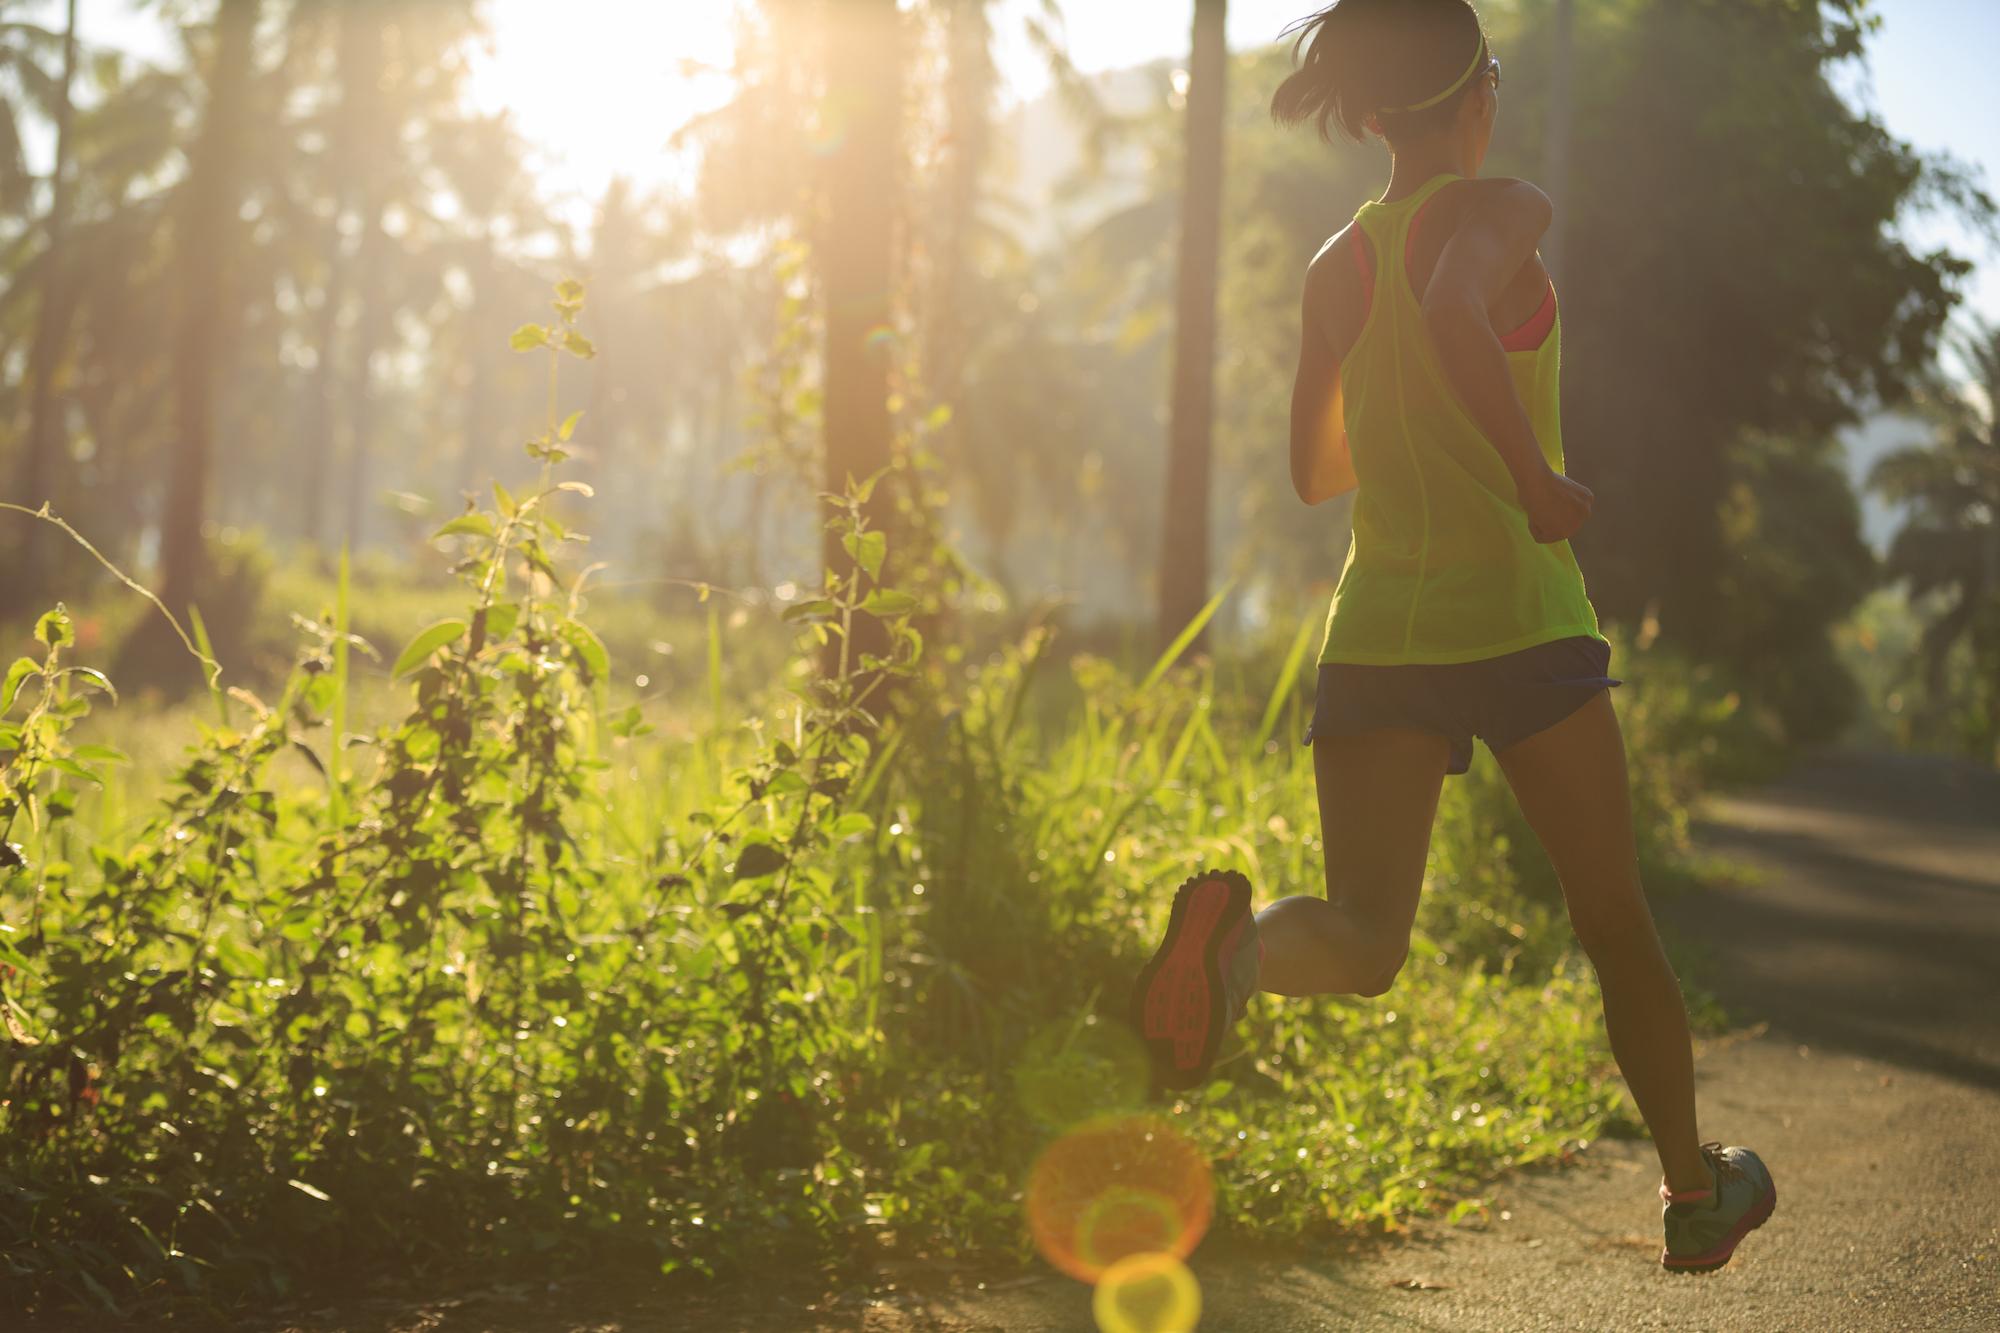 running-in-sunrise-forest-PDMH5X6.JPG